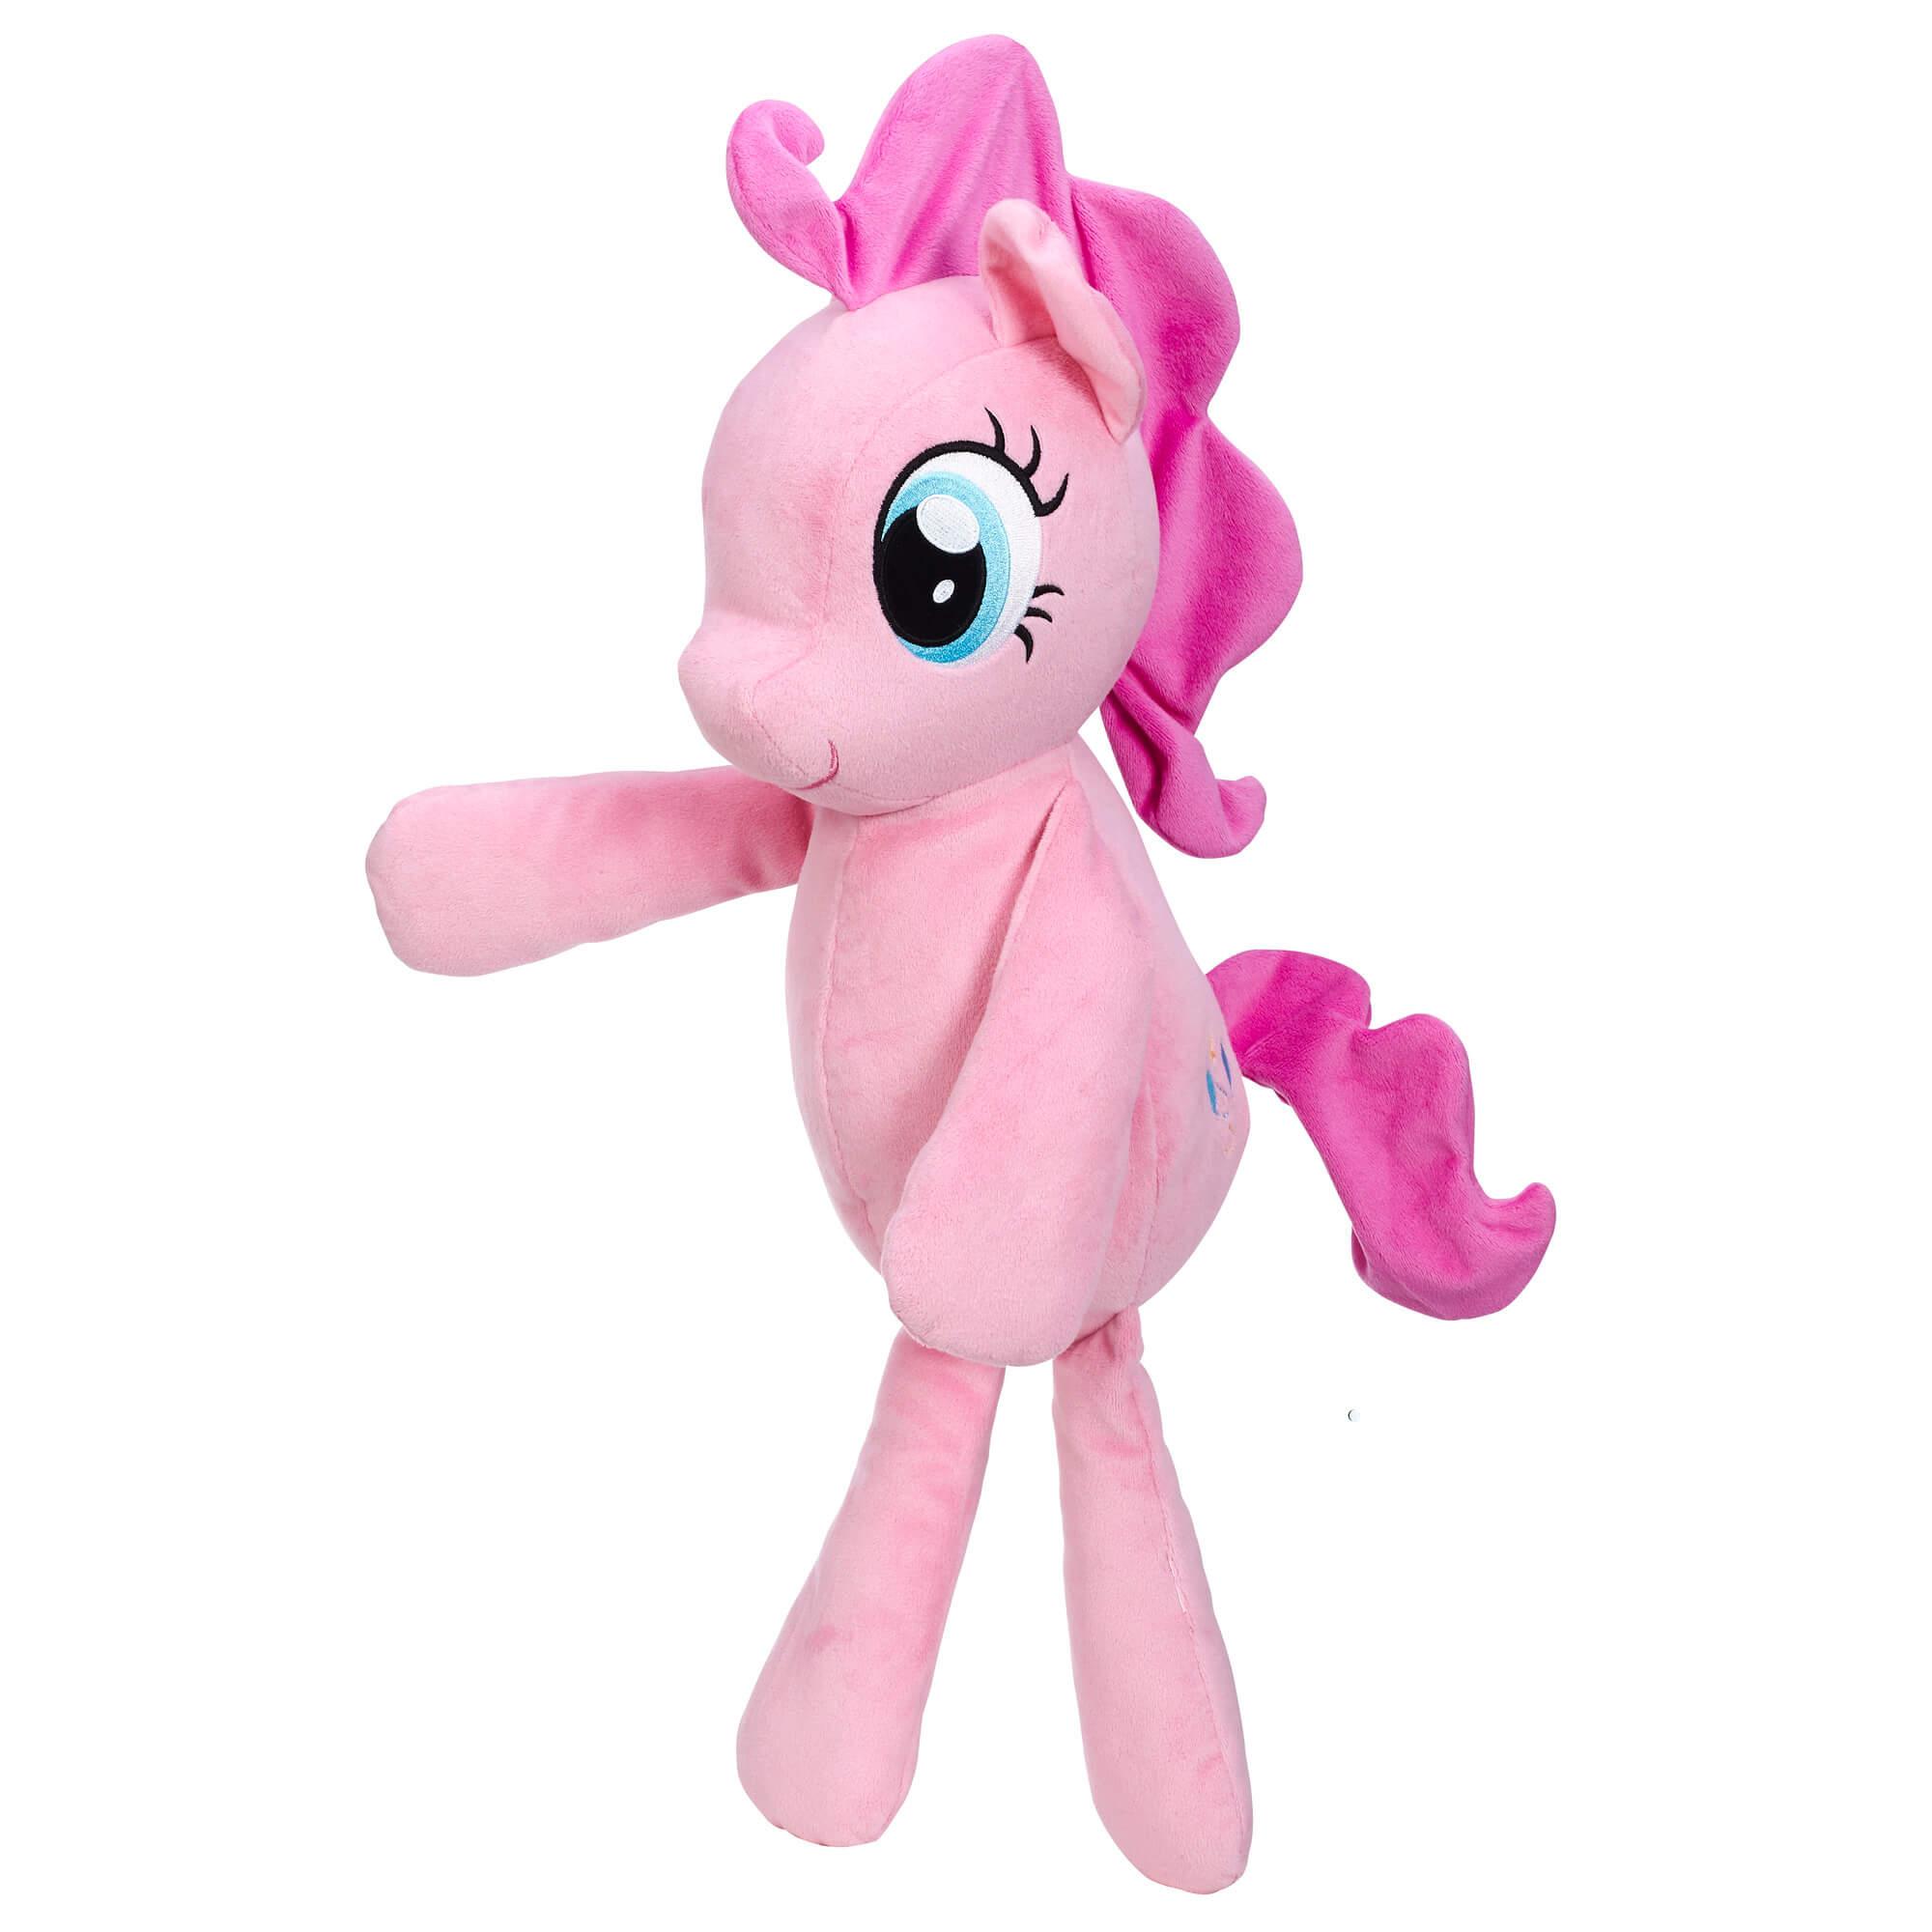 My Little Pony Plysch Gosedjur Pinkie Pie 56 cm